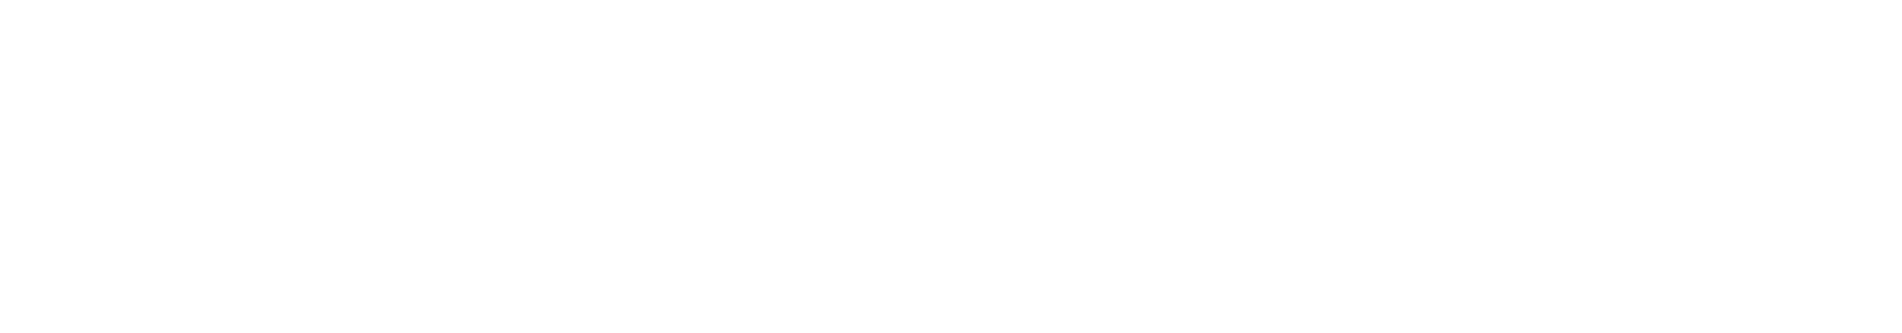 Dons of Disco | Big Sky Documentary Film Festival